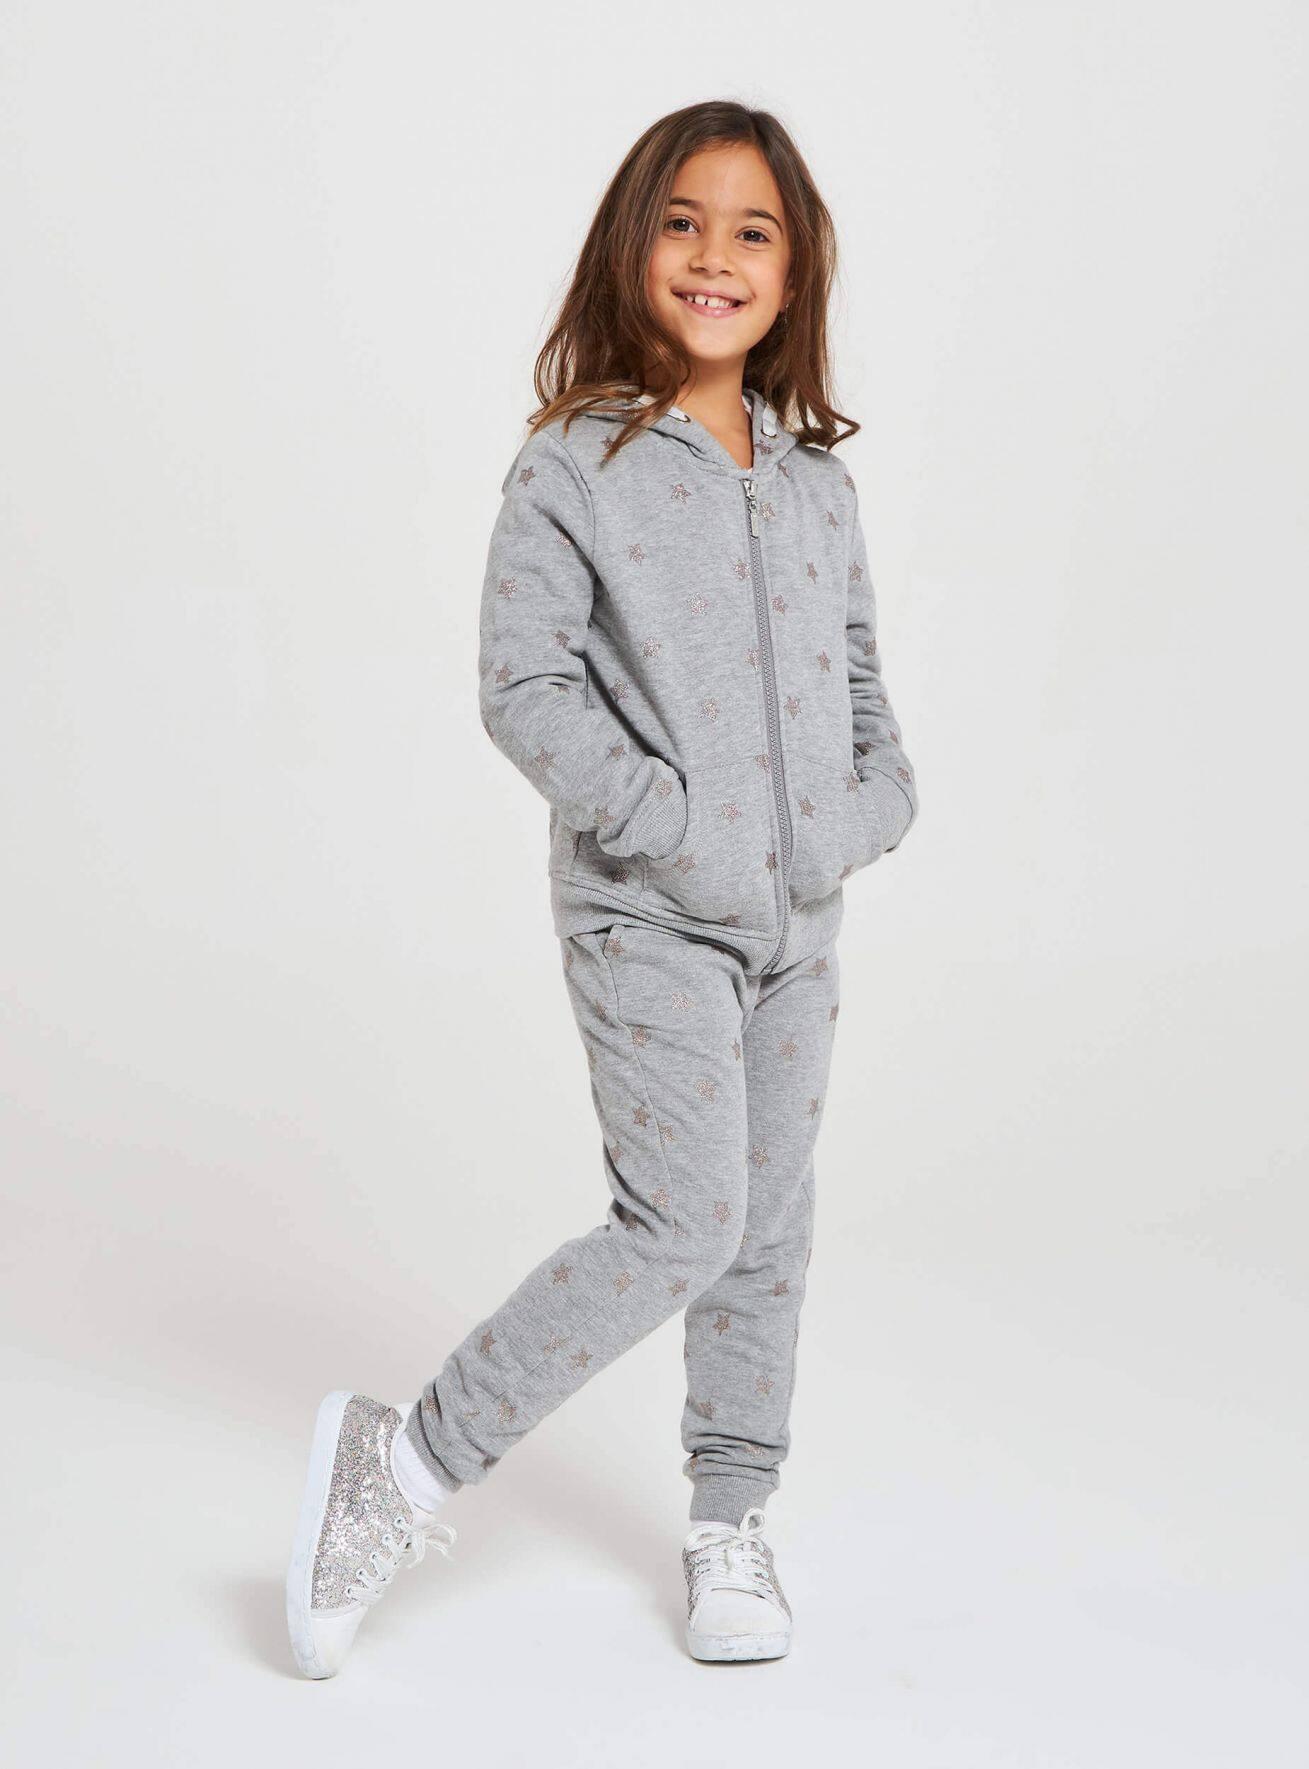 Pantalone ginnico Lungo Bambina Kids